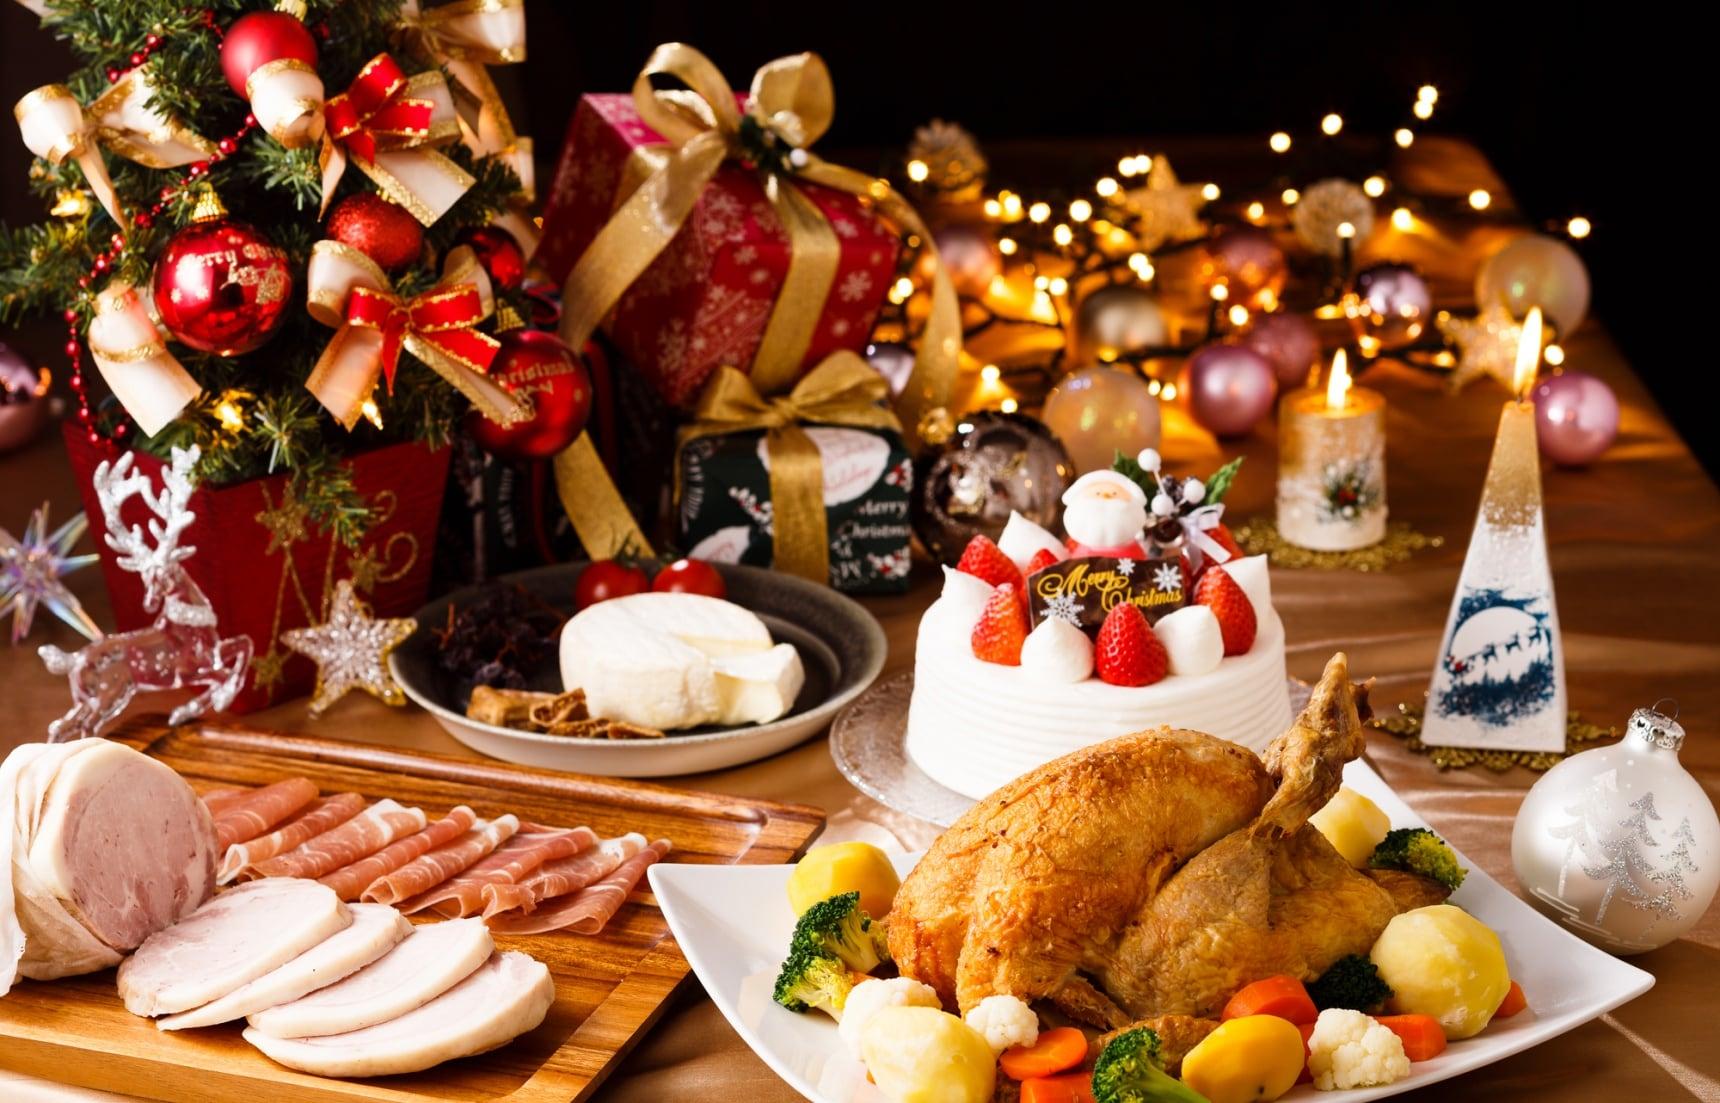 深度日本:日式圣诞节为何与众不同?缘由起底大揭秘!